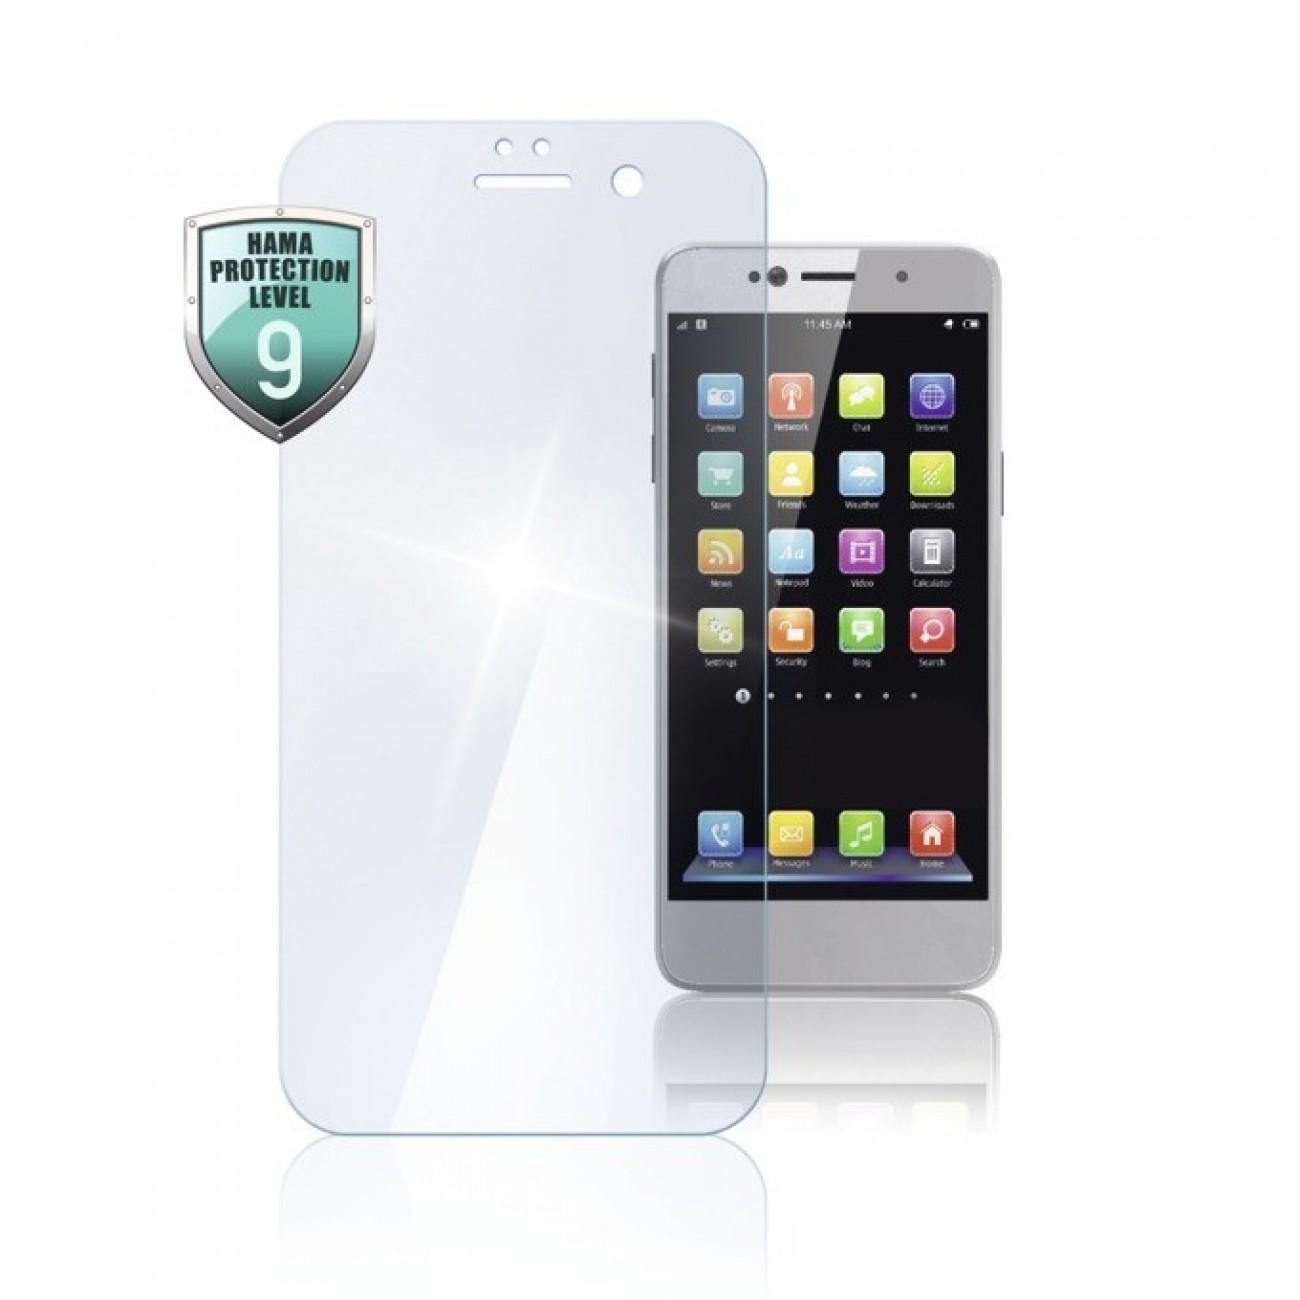 Протектор от закалено стъкло /Tempered Glass/ Hama Premium Crystal Glass 178996 за Huawei P Smart в Защитно фолио -  | Alleop